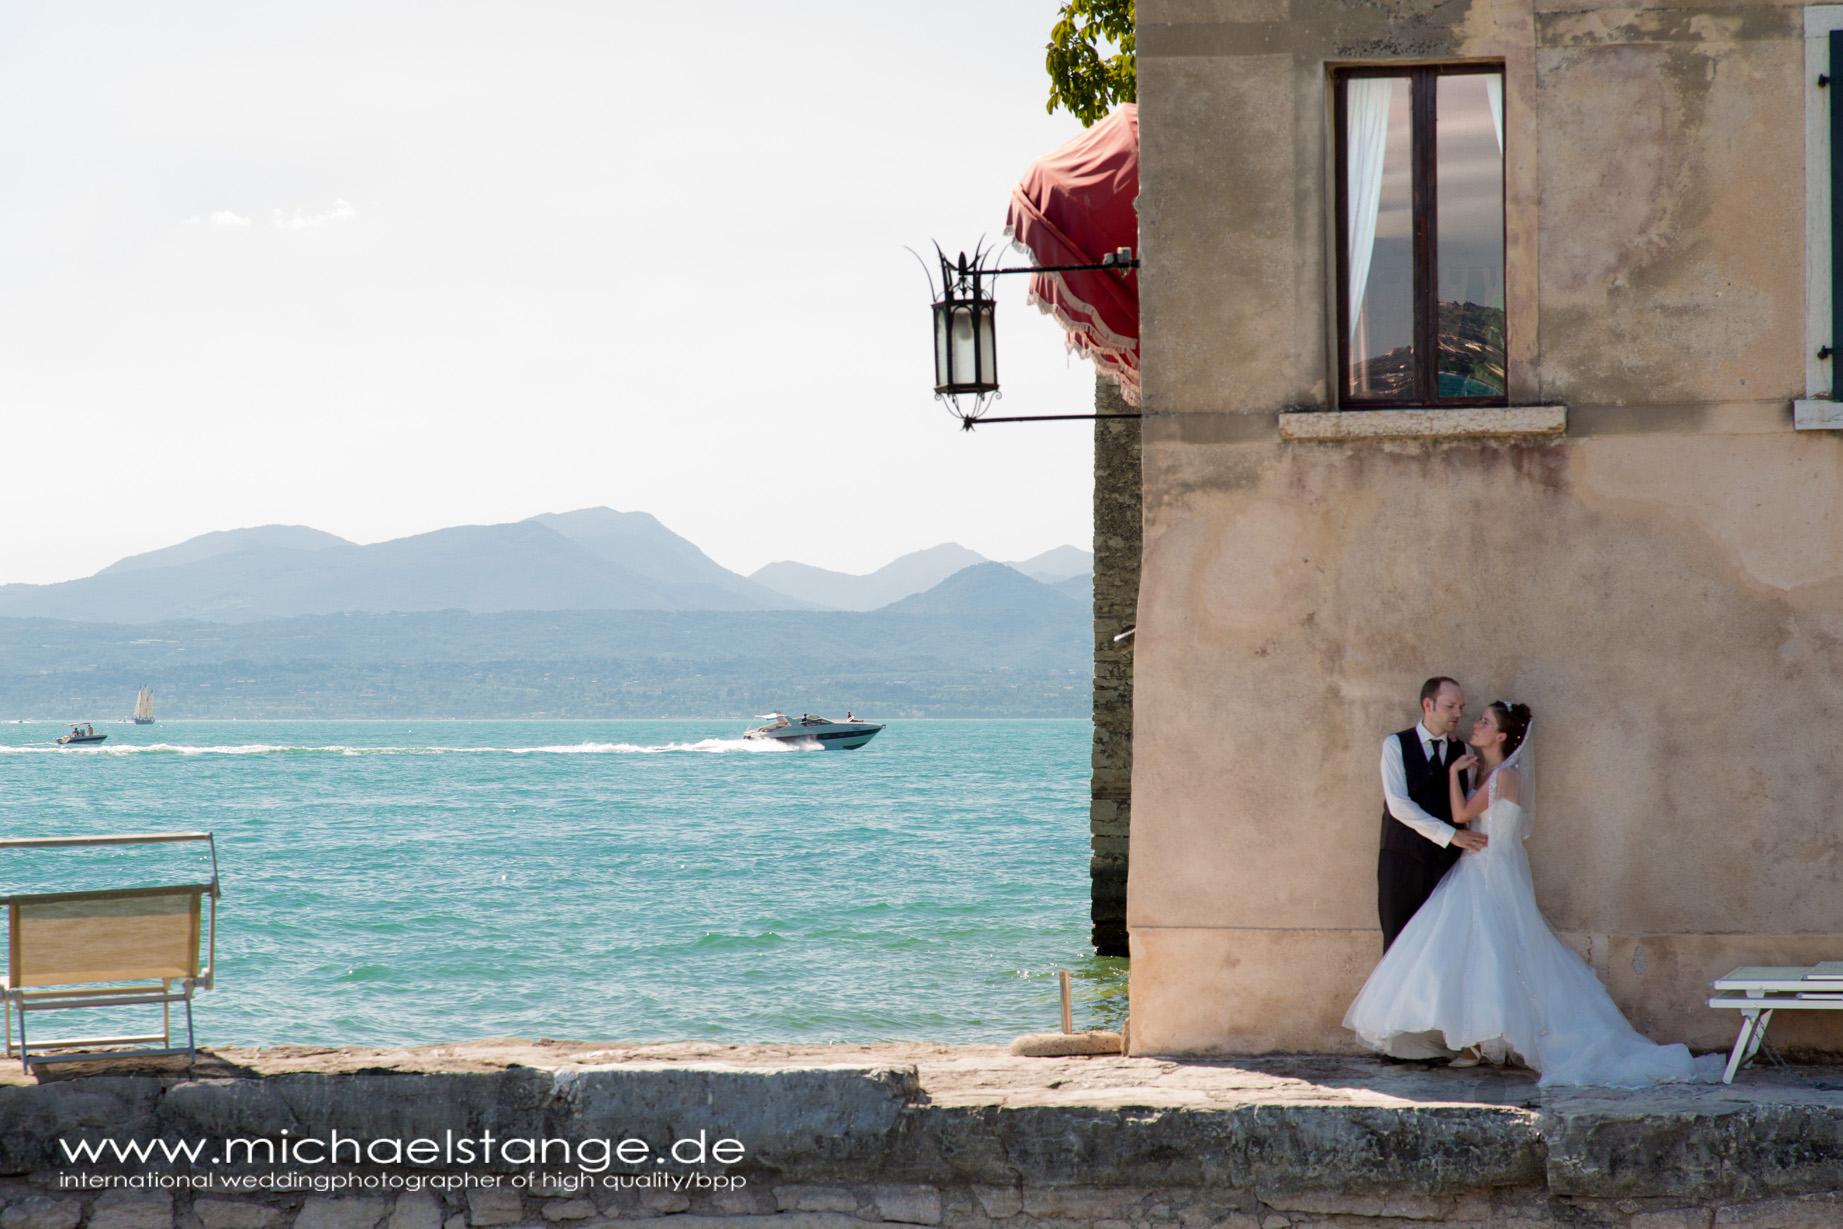 124 Hochzeitsfotograf Michael Stange Baltrum Osnabrueck